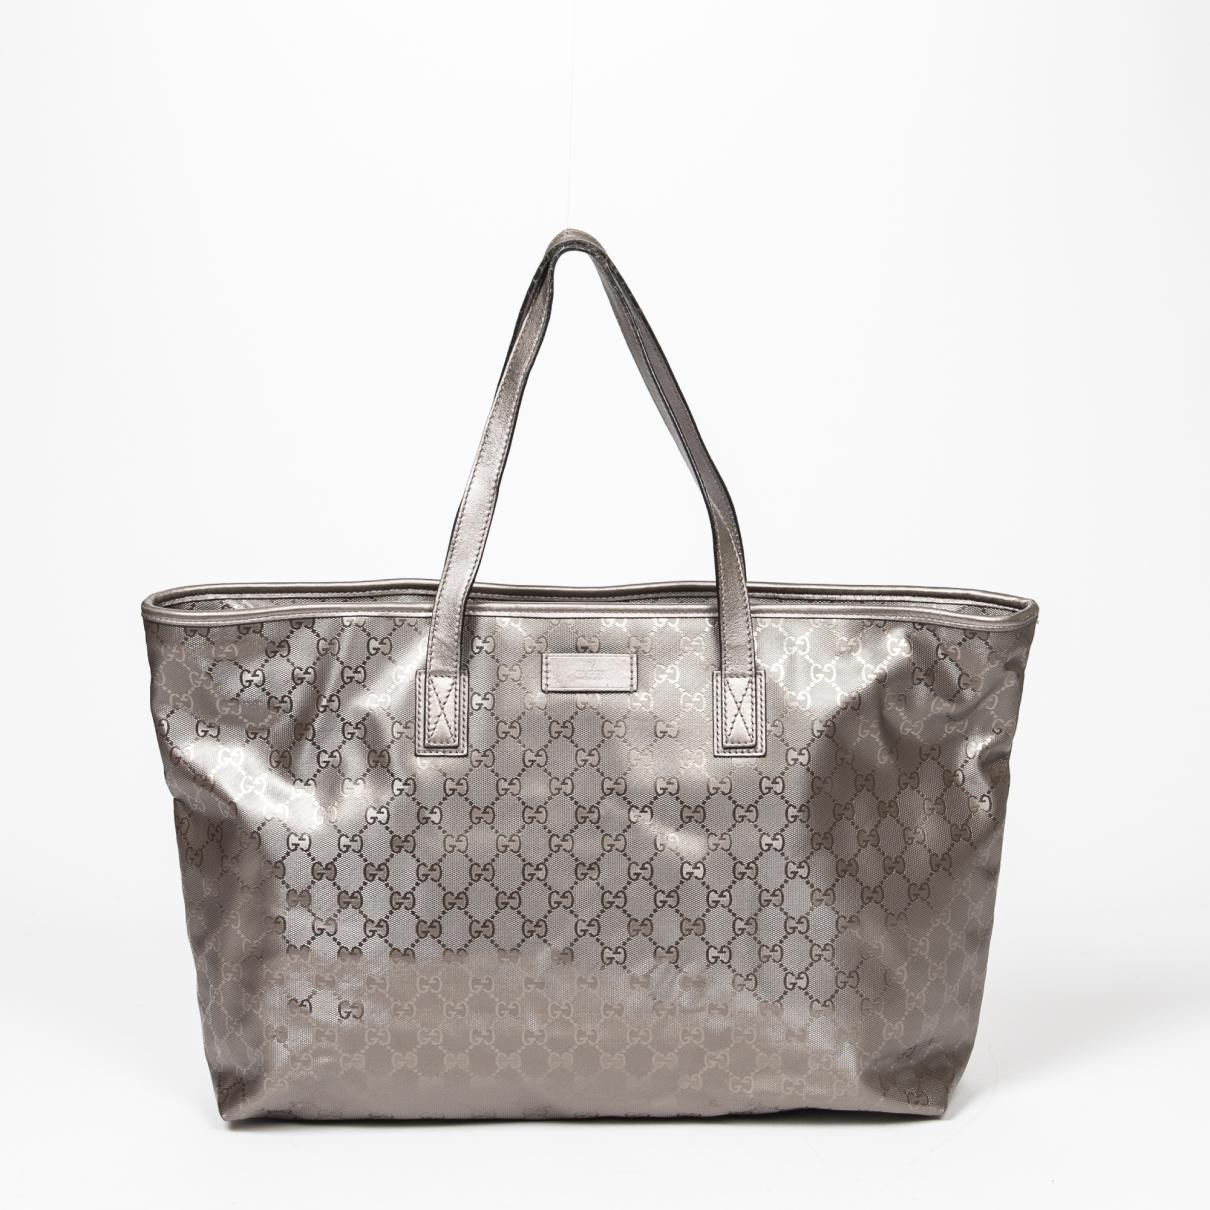 Gucci \N Handtasche in  Grau Leinen